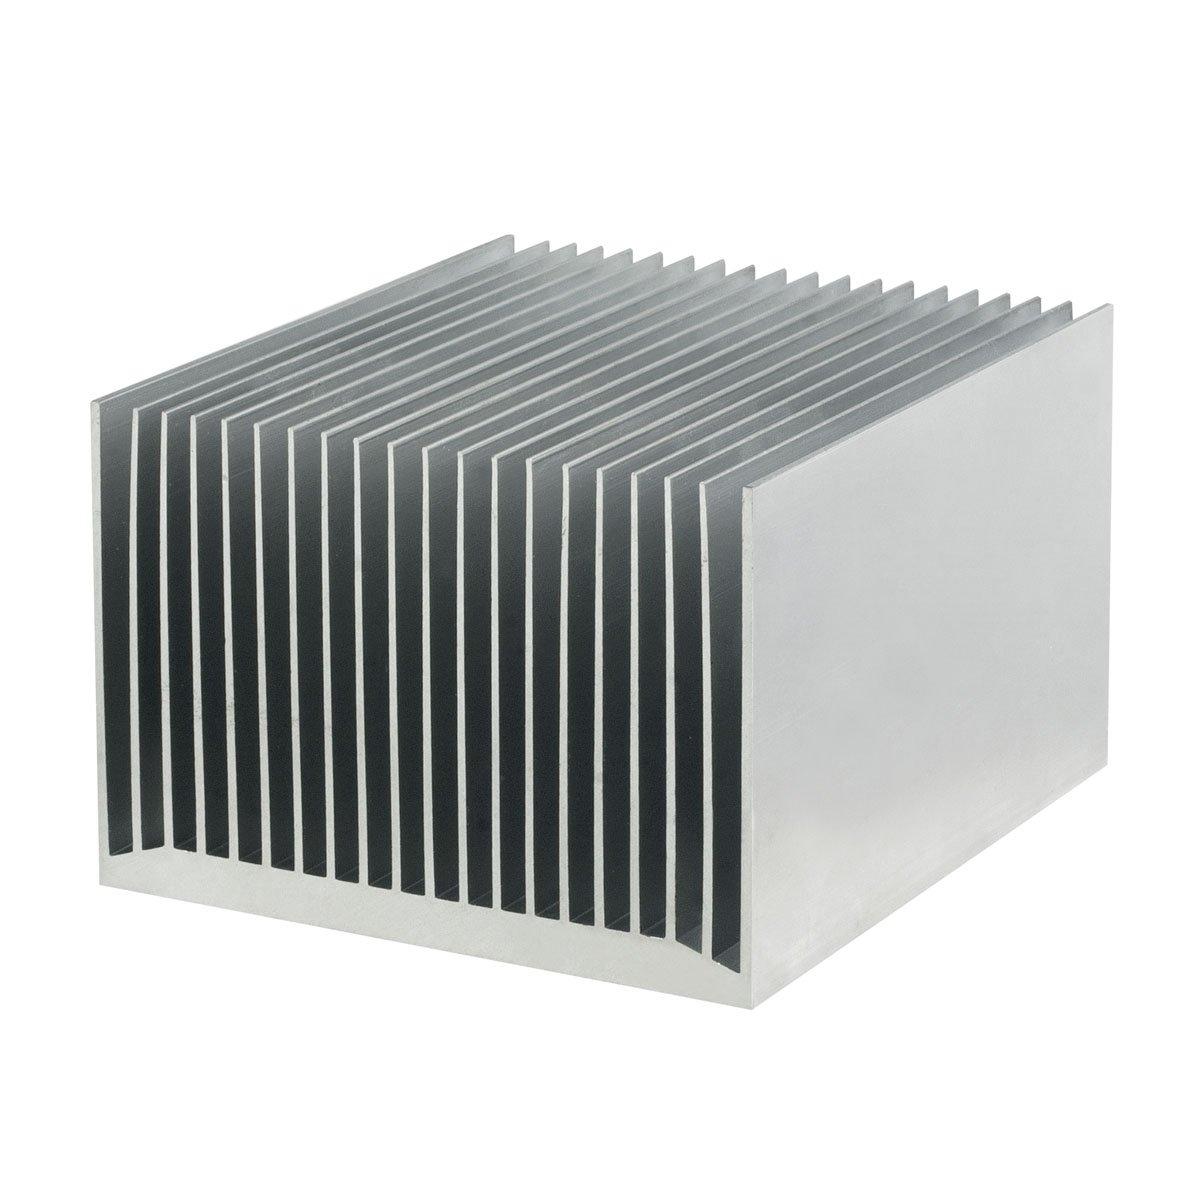 Silenzioso Dissipatore CPU Per Processori Intel Fino a 47W I Impasto Termico MX-2 Preapplicato ARCTIC Alpine 12 Passive 95 x 96 mm